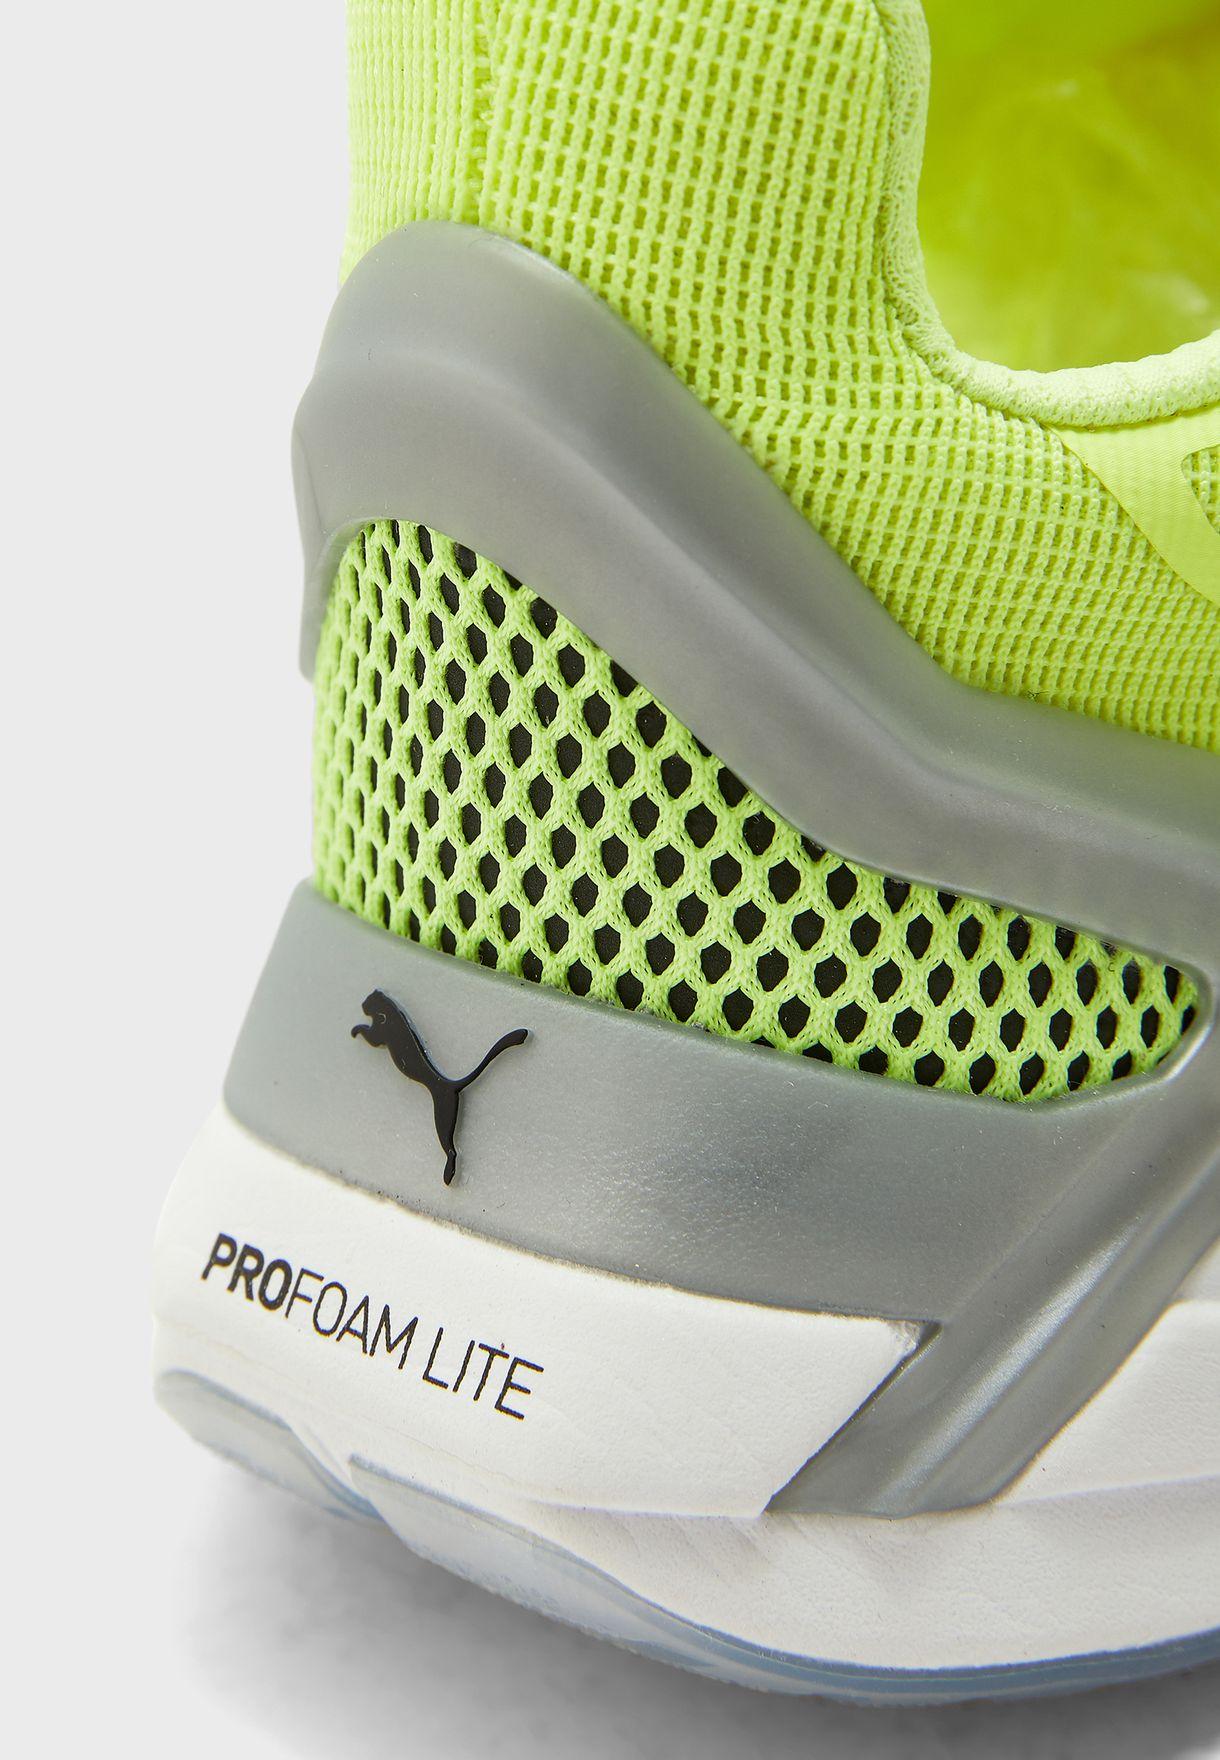 حذاء الترا رايد اف ام اكستريم